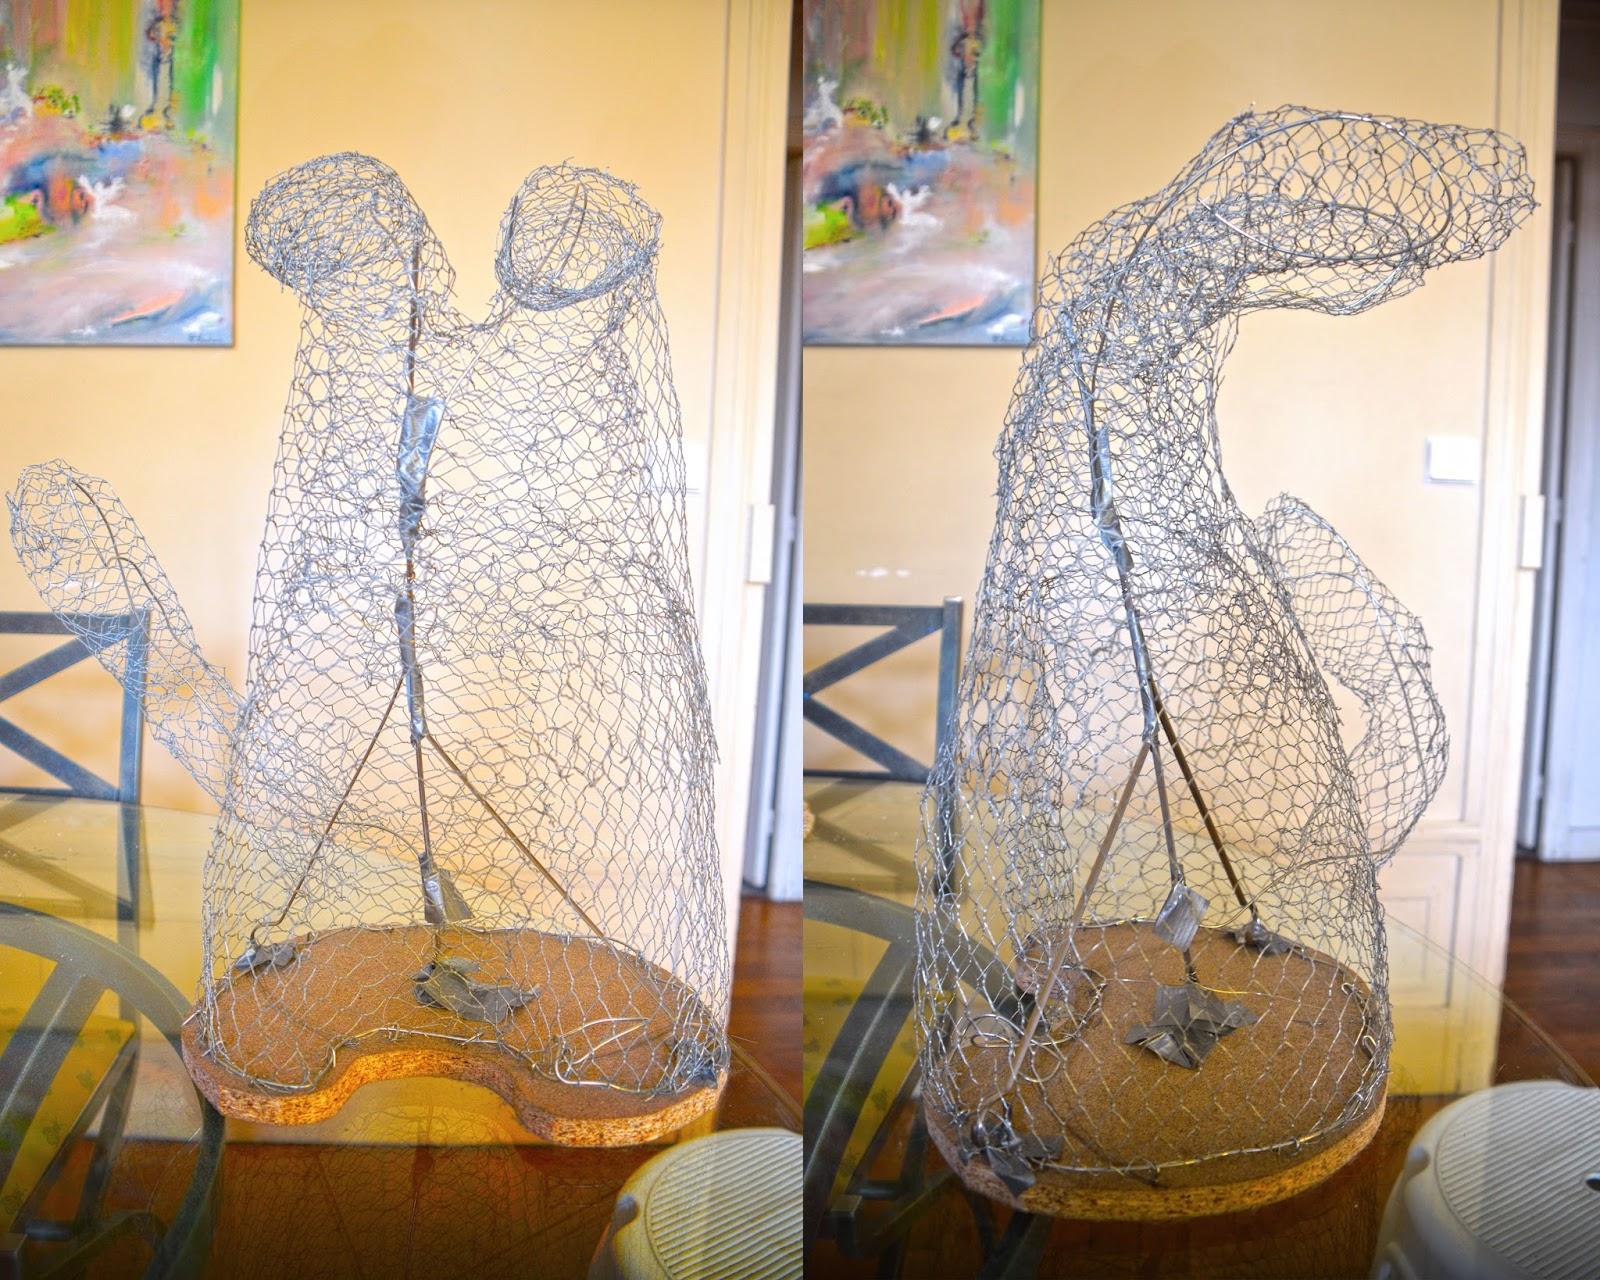 Sculpture Grillage A Poule les lapichoogus: sculpture en construction